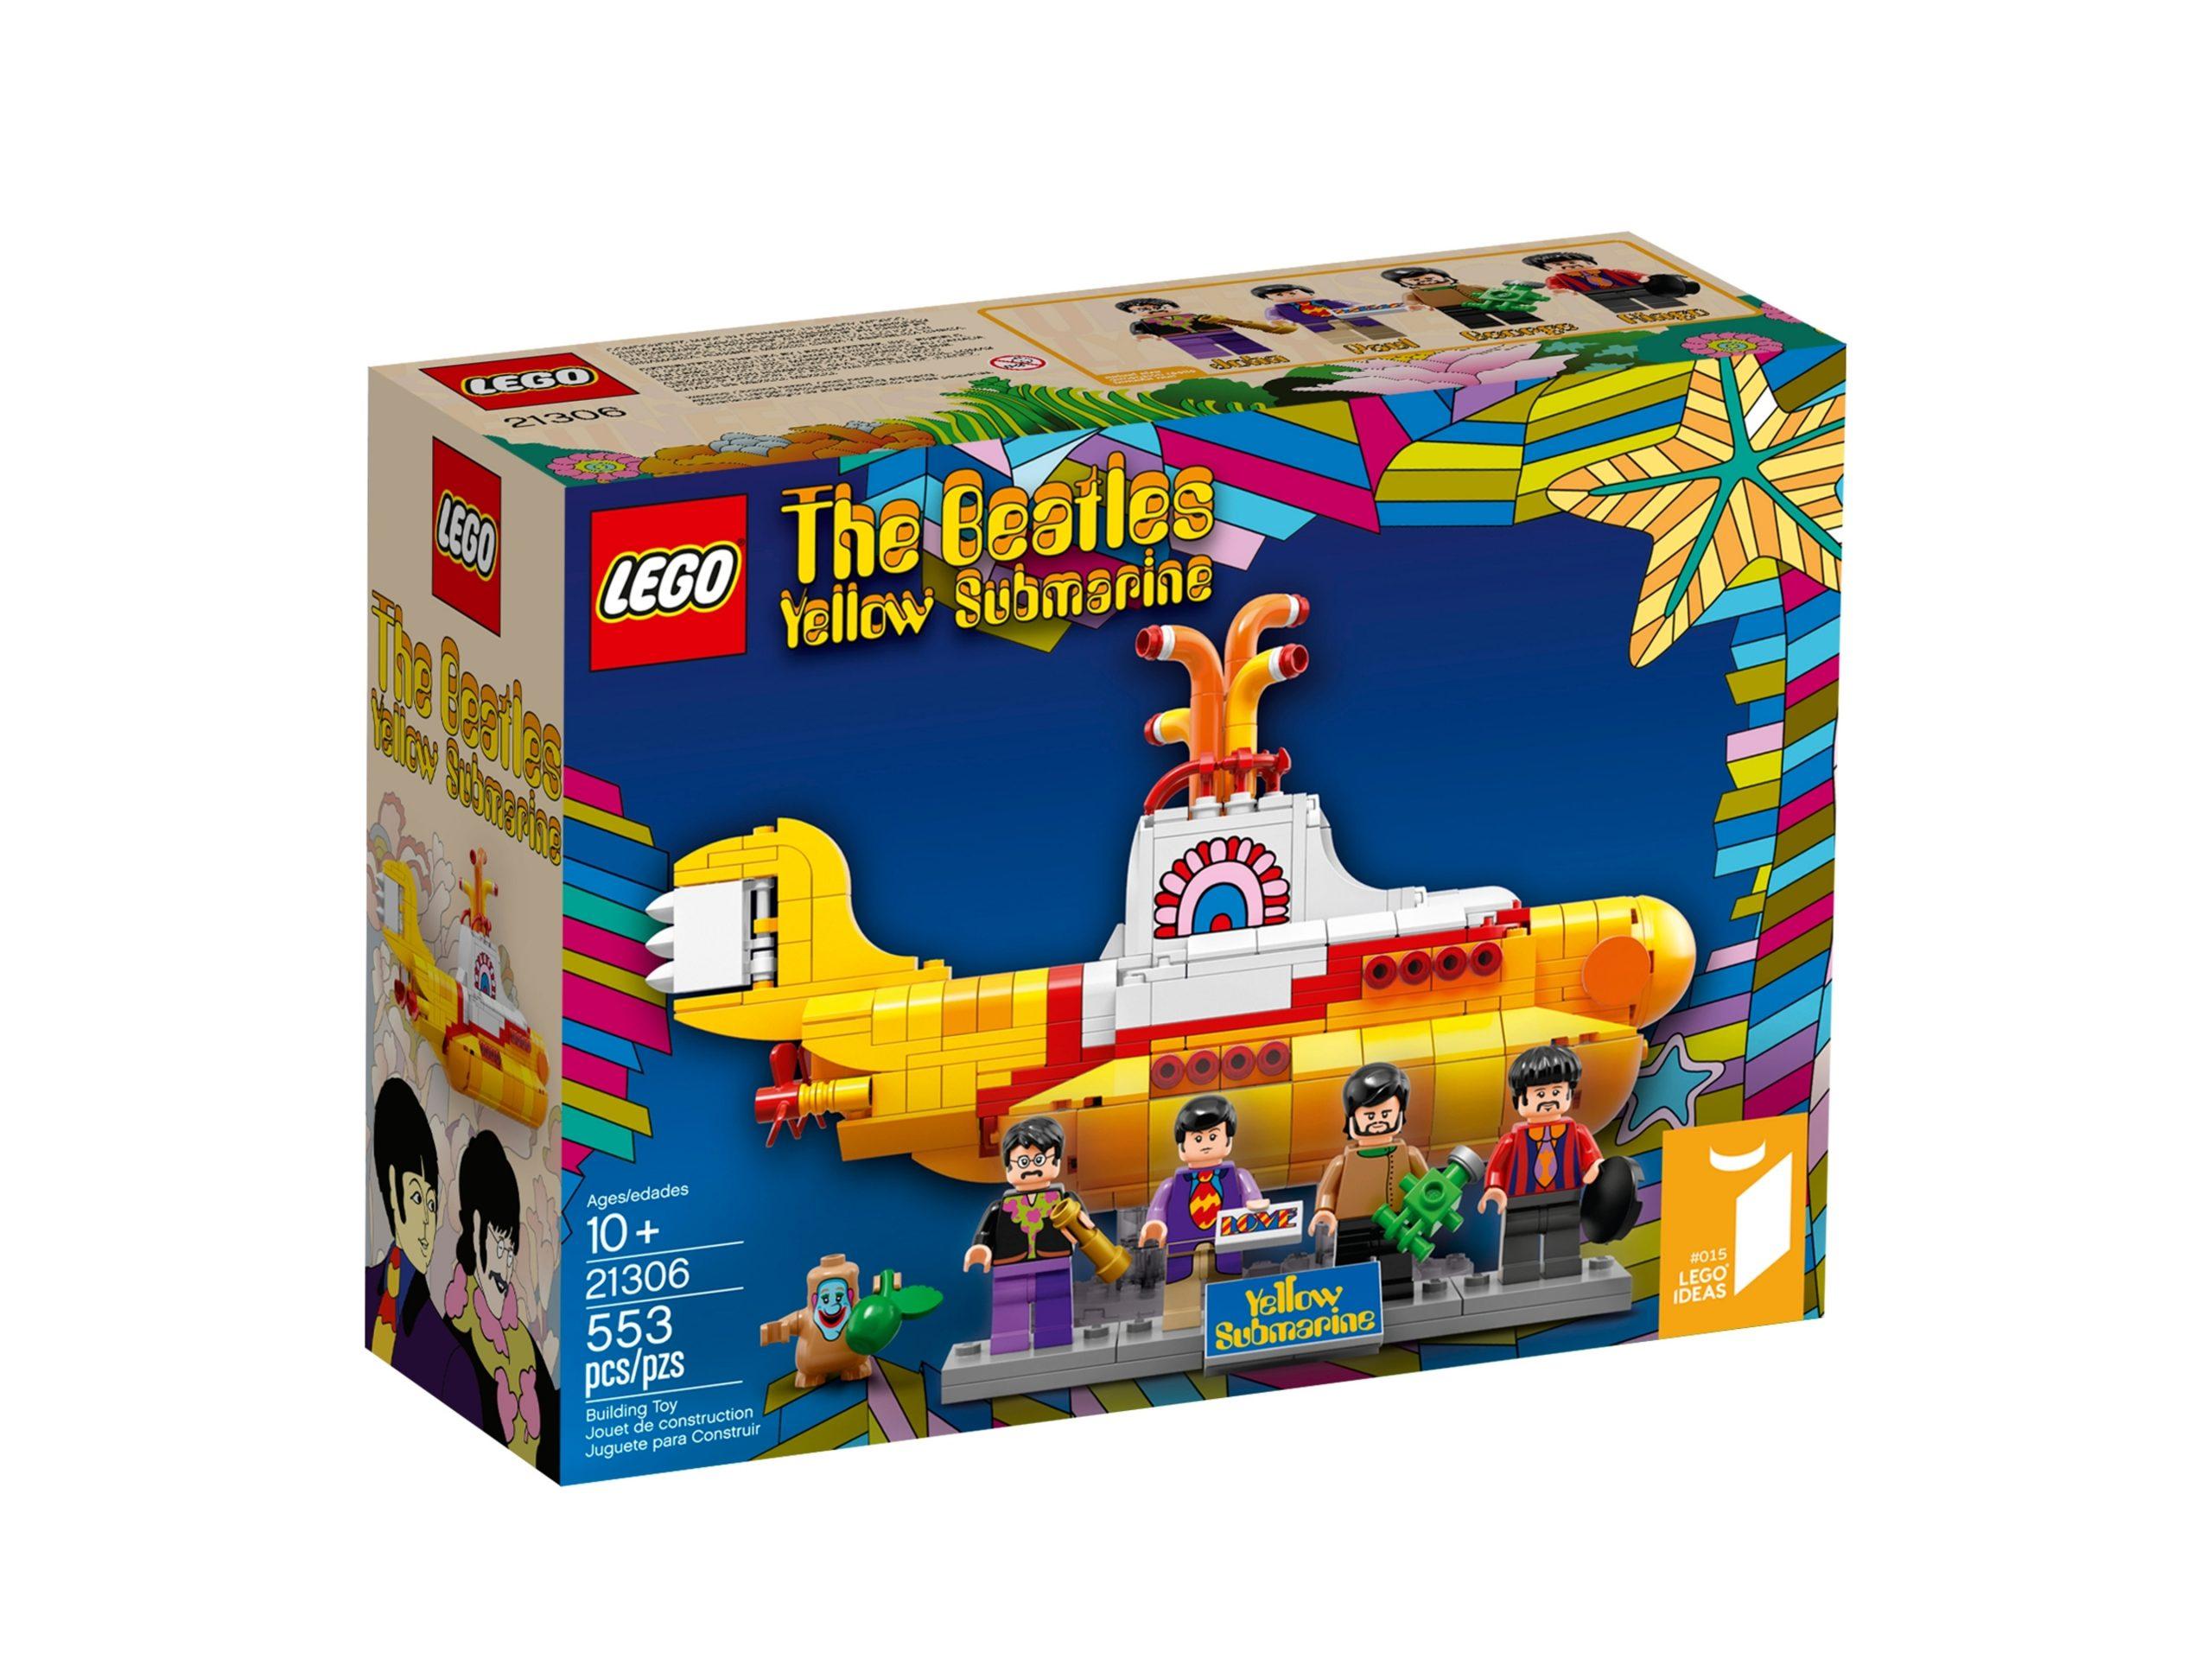 lego 21306 yellow submarine scaled